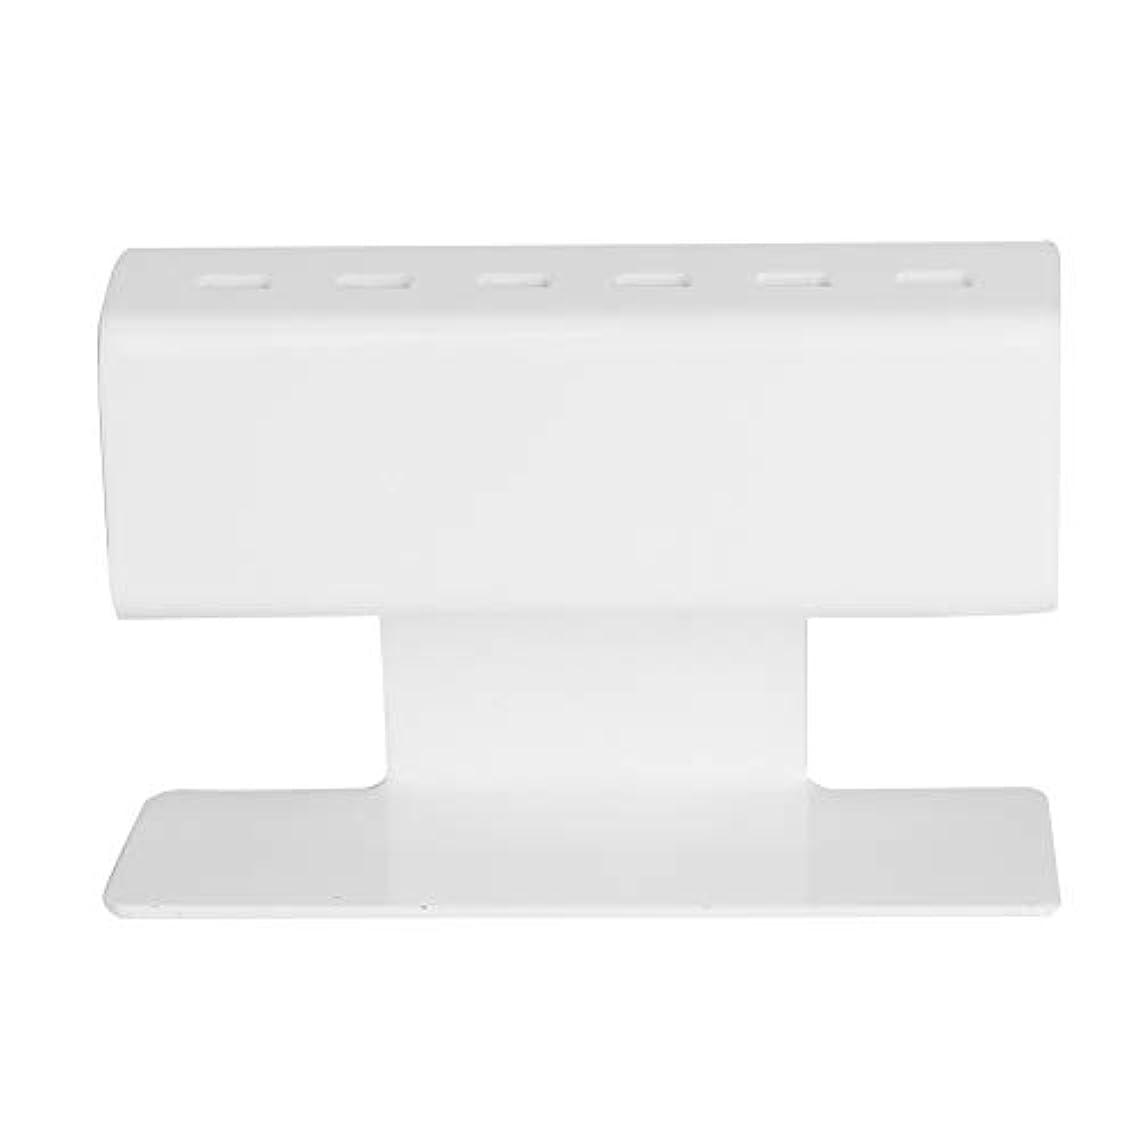 初心者注入どうしたのピンセットシェルフホルダー、まつげ延長プラスチック6個セットピンセットスタンドの位置(白い)